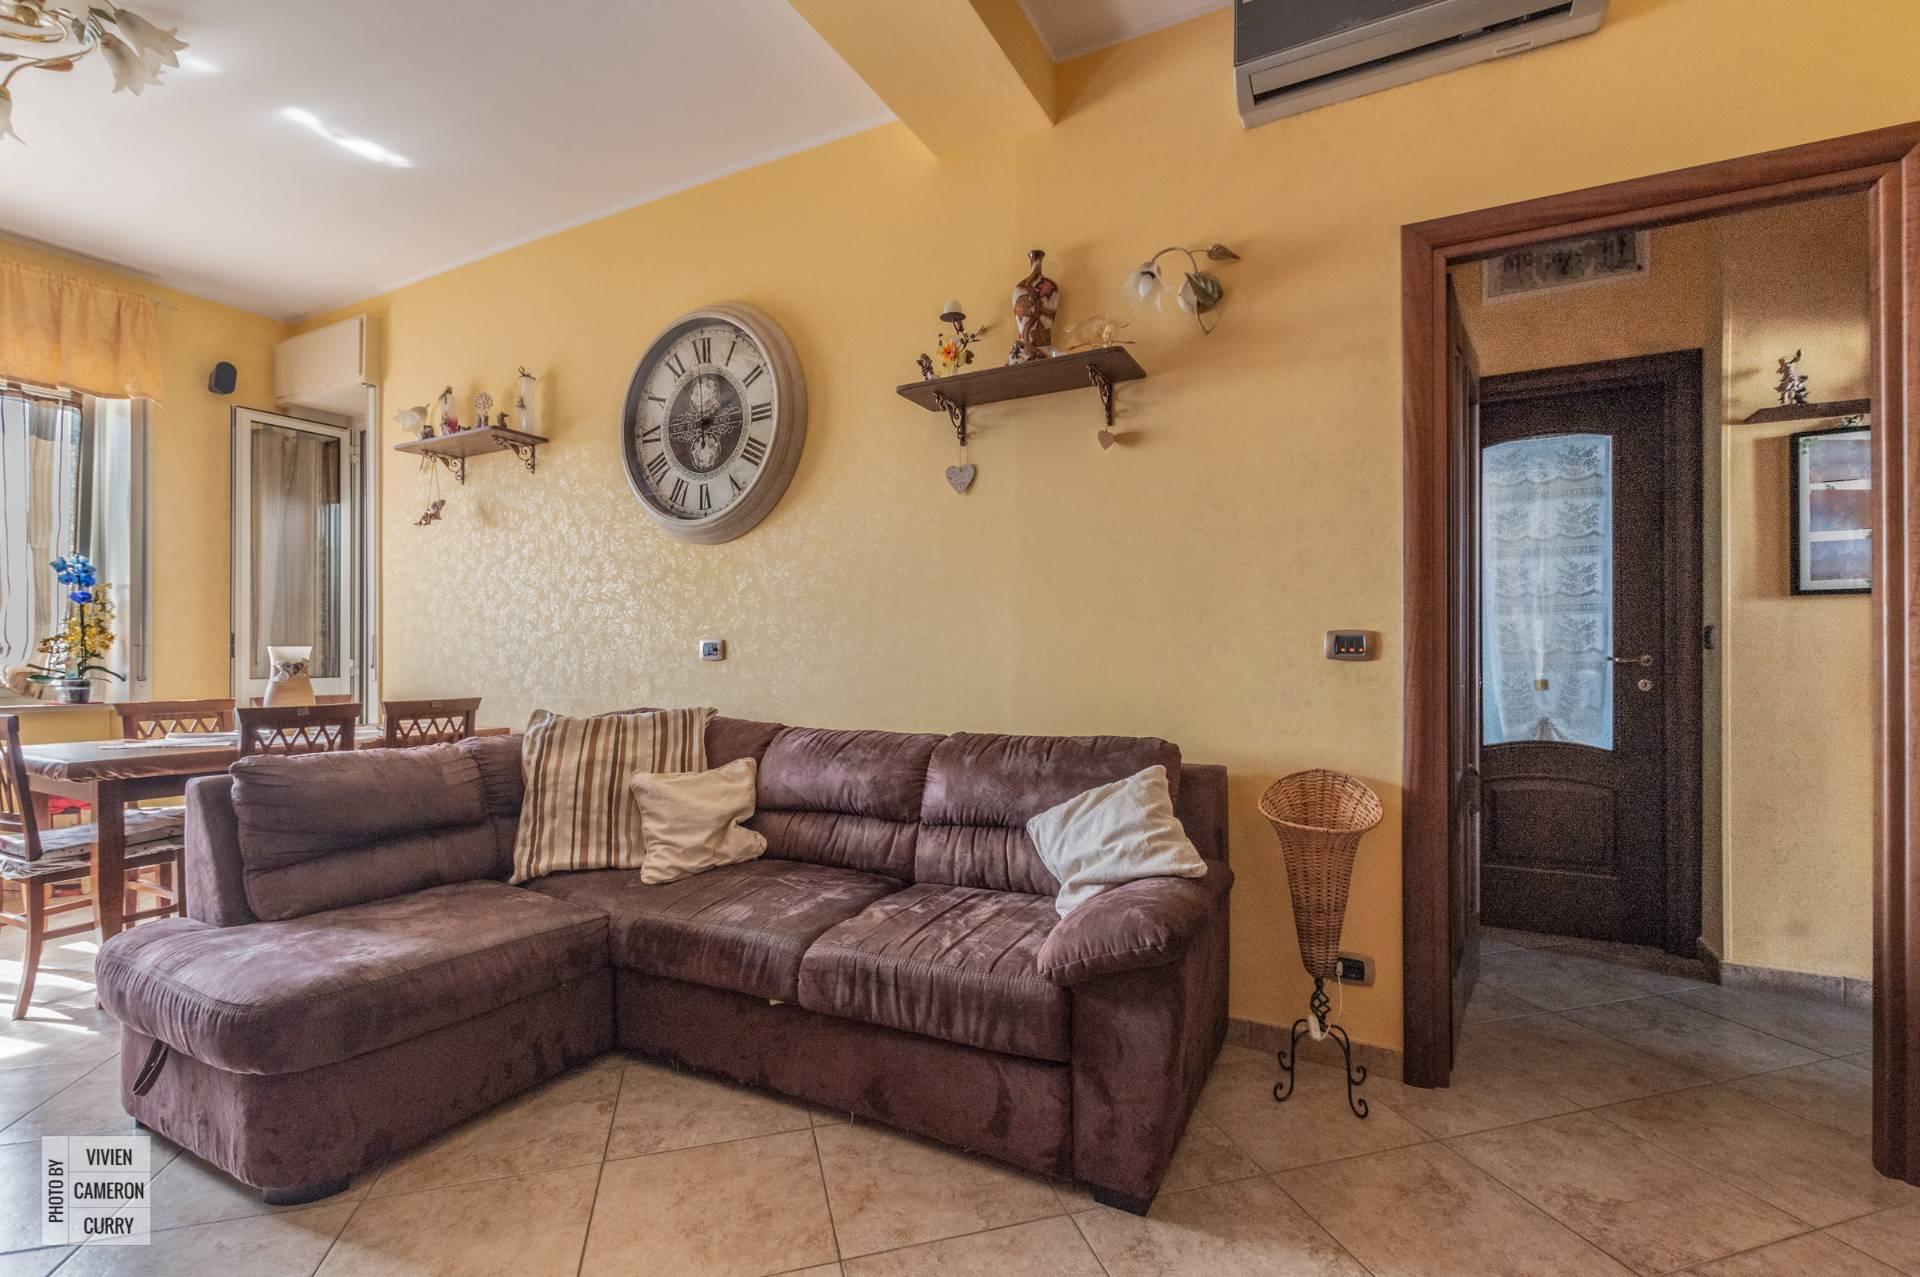 Appartamento in vendita a Vinovo, 3 locali, zona no, prezzo € 79.000 | PortaleAgenzieImmobiliari.it